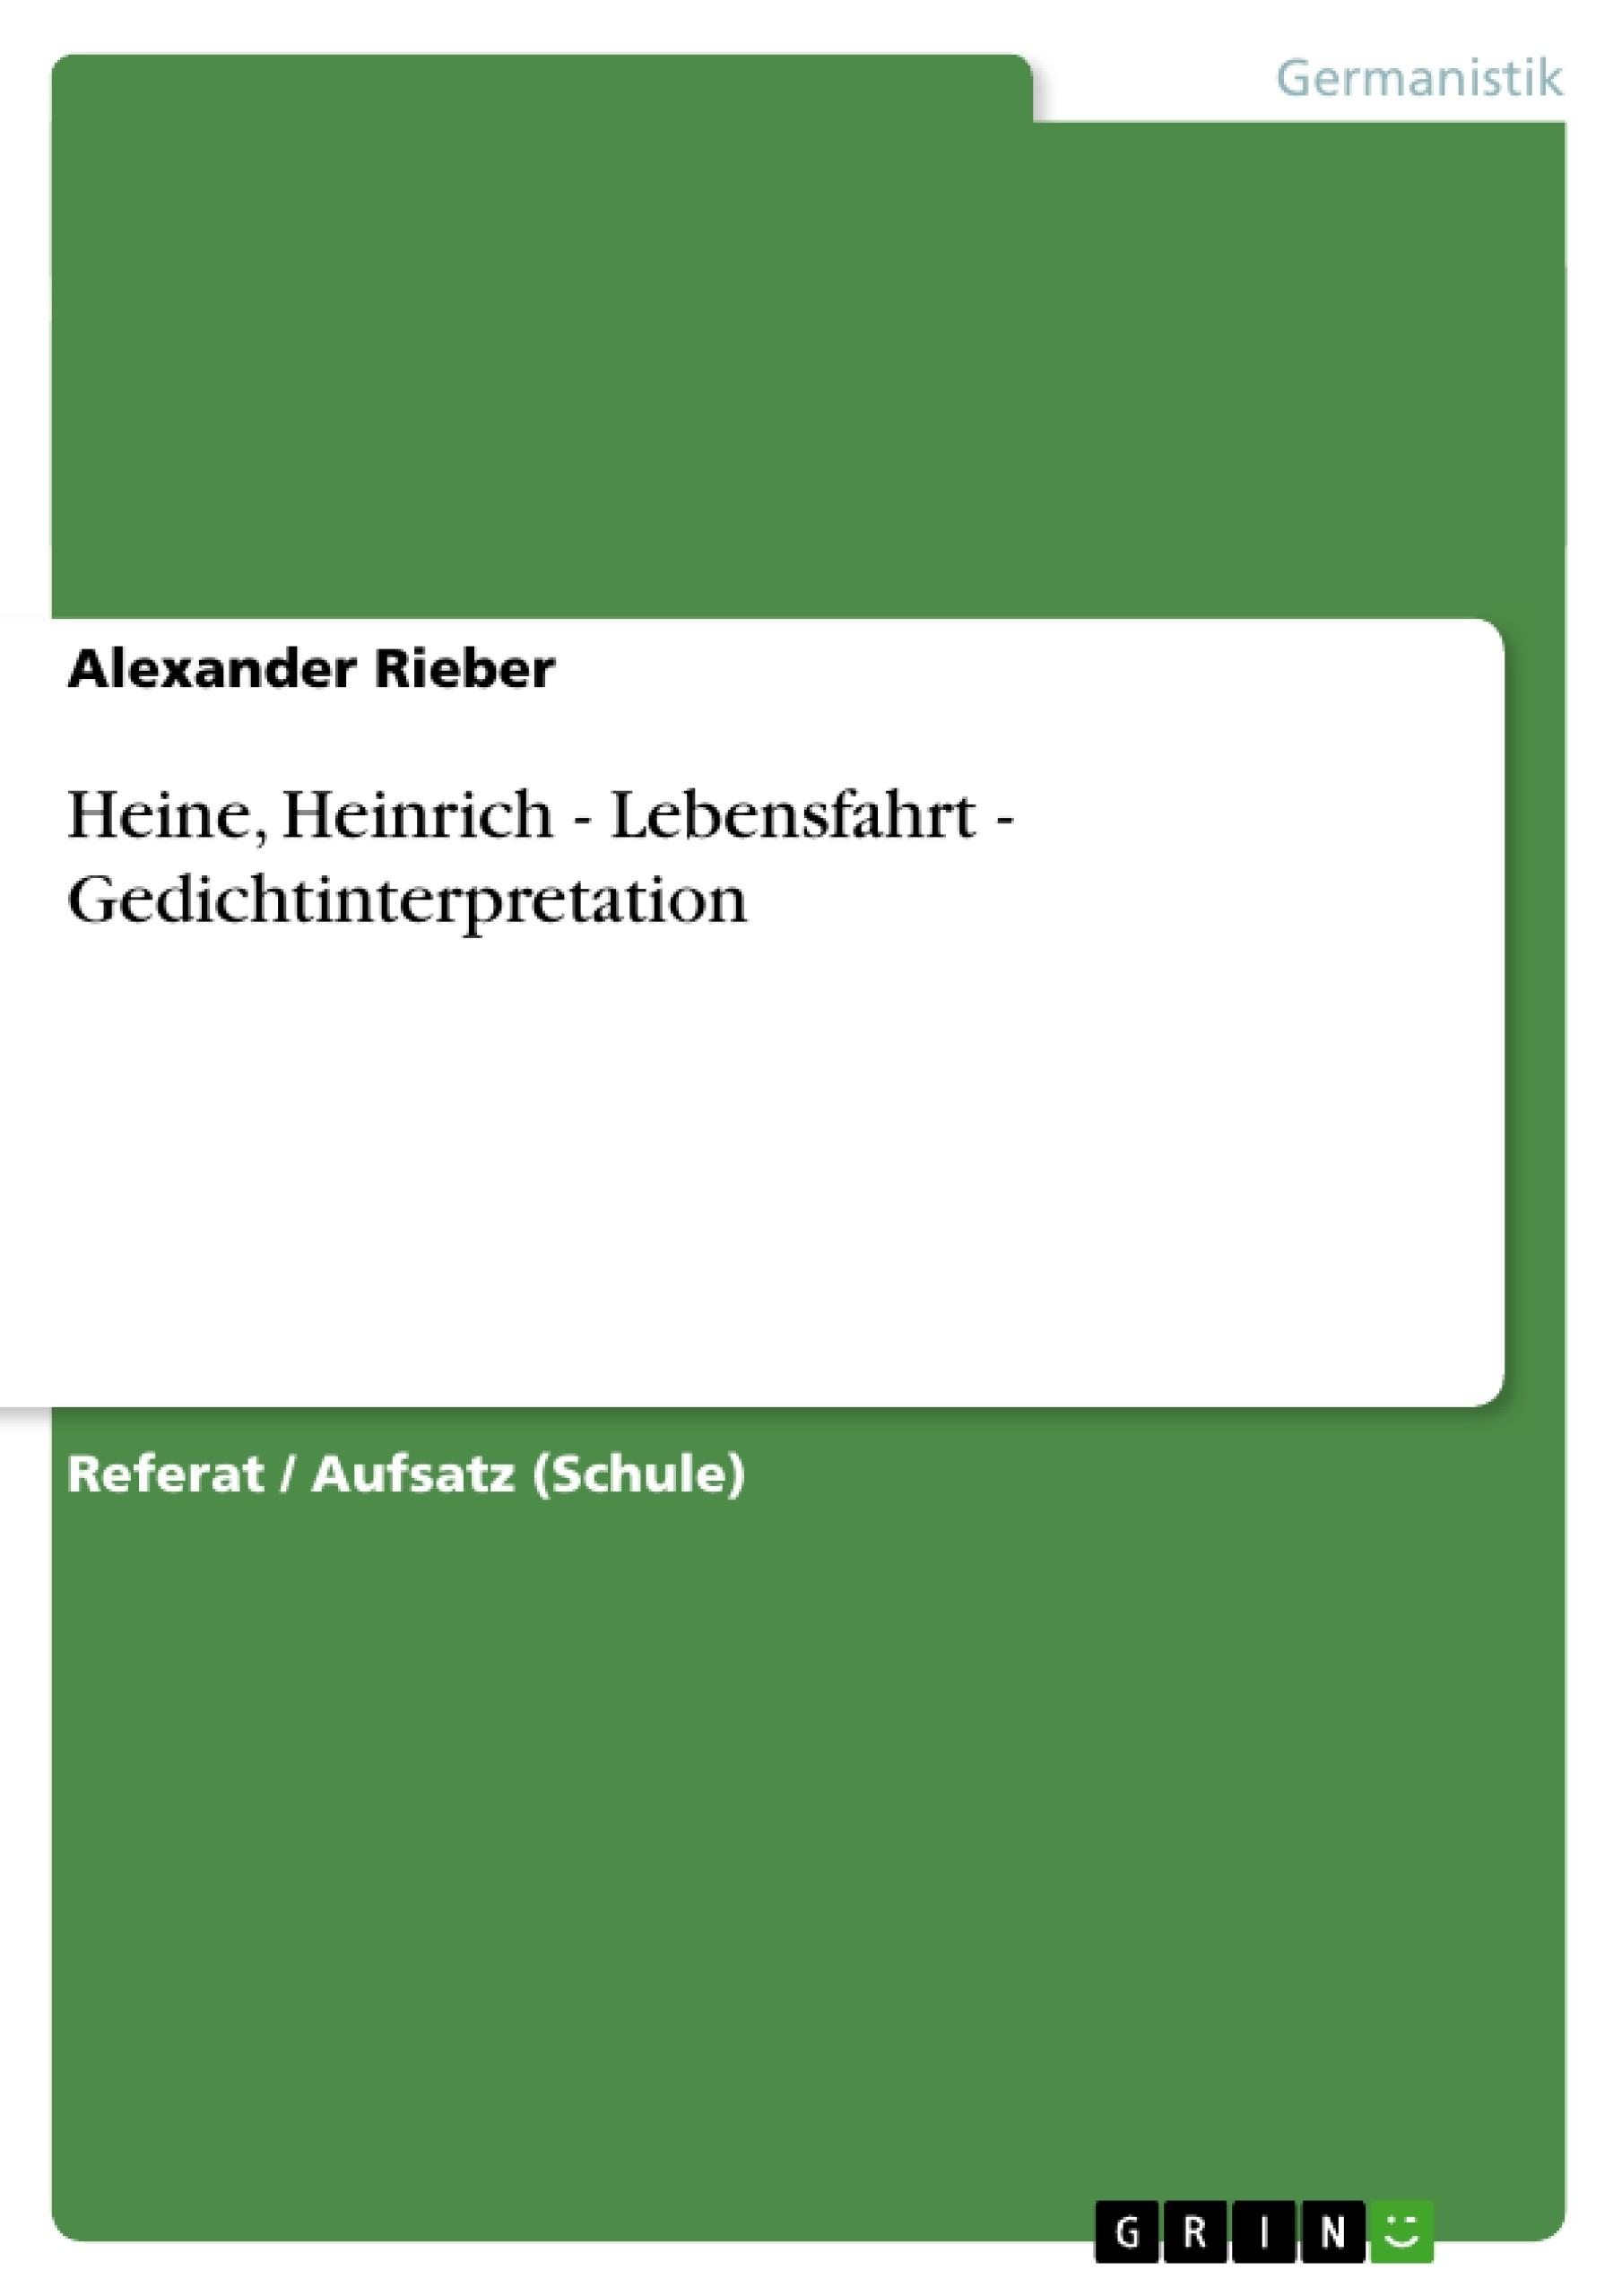 Titel: Heine, Heinrich - Lebensfahrt - Gedichtinterpretation